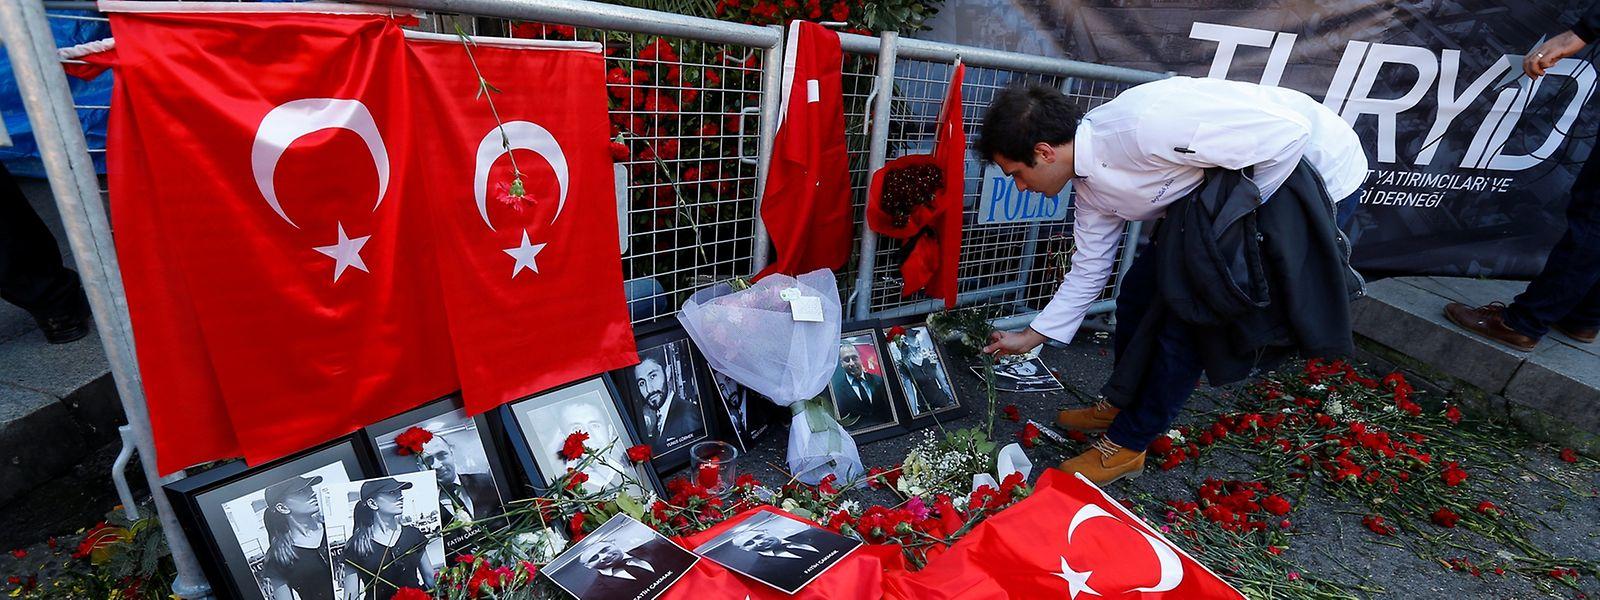 Selon la chaîne TRT, le suspect résidait dans un appartement loué par un ressortissant kirghize à Istanbul, qui a été également arrêté.